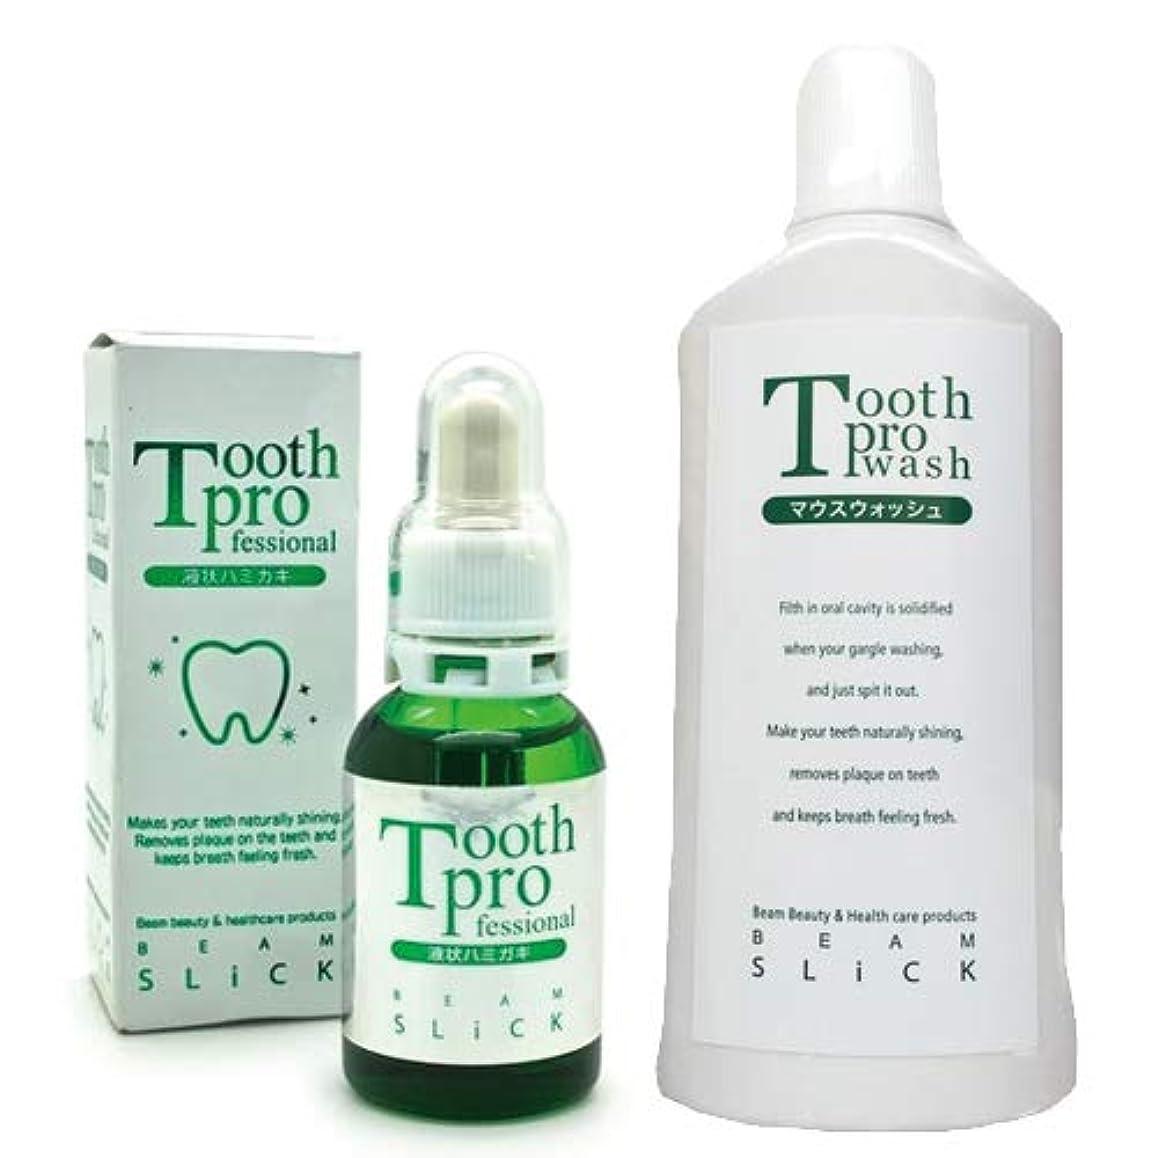 ポケット小麦シュリンクトゥースプロウォッシュ(Tooth Pro wash)500mL + トゥースプロフェッショナル(tooth professional) 20mL セット